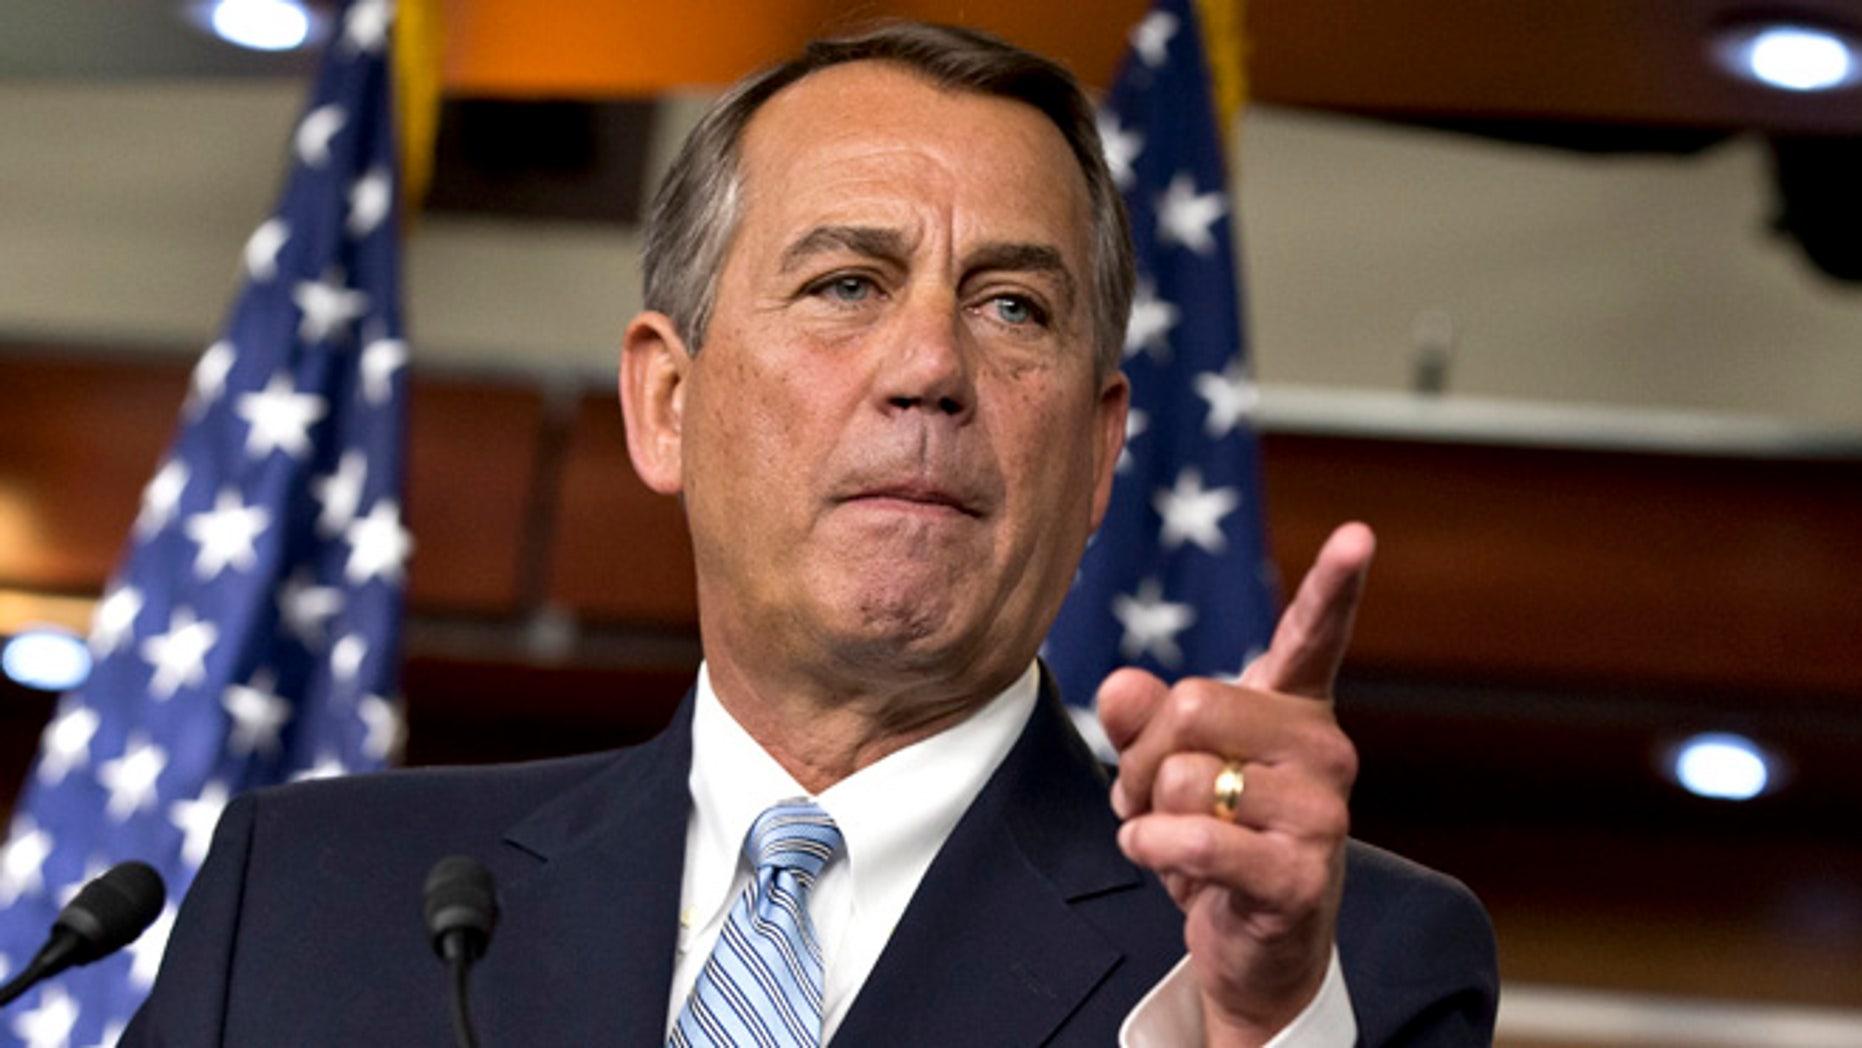 Feb. 6, 2013: House Speaker John Boehner speaks to reporters on Capitol Hill.